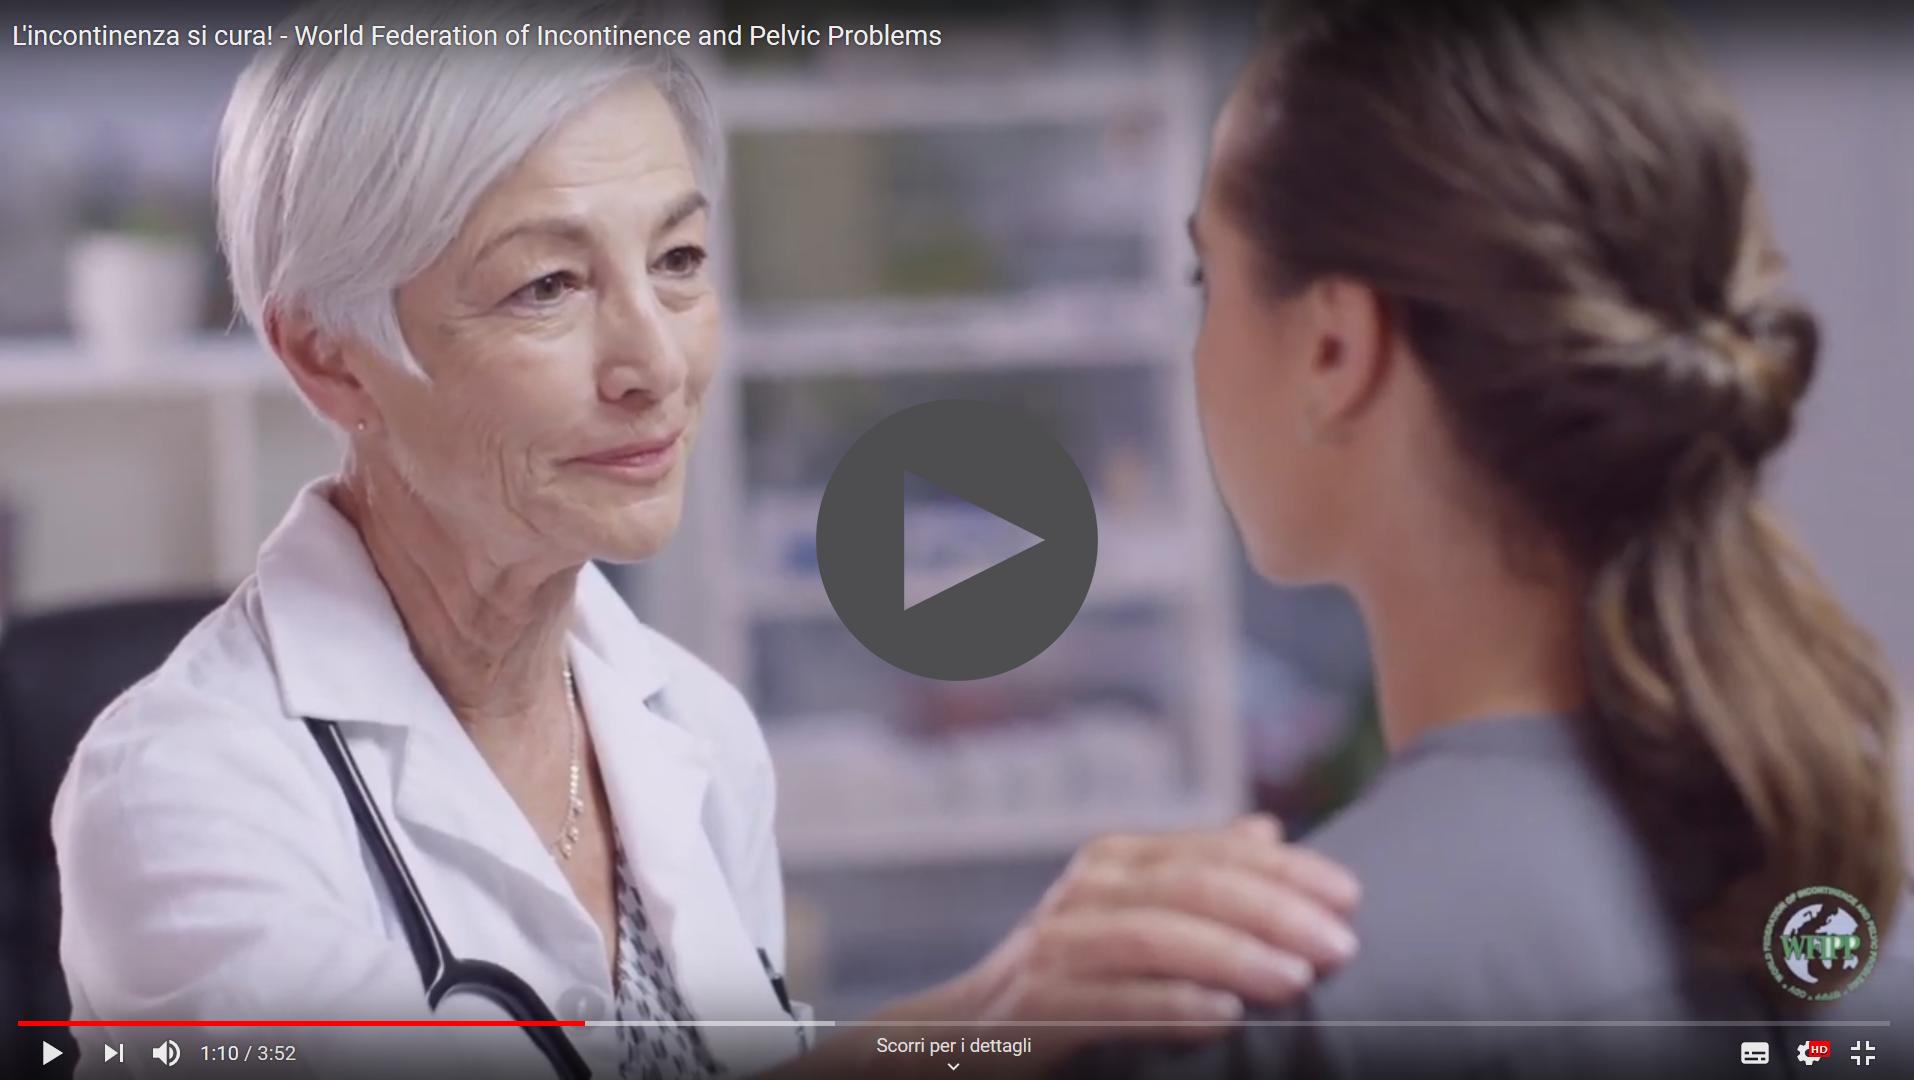 WFIPP presenta la Piattaforma: Support In Continence